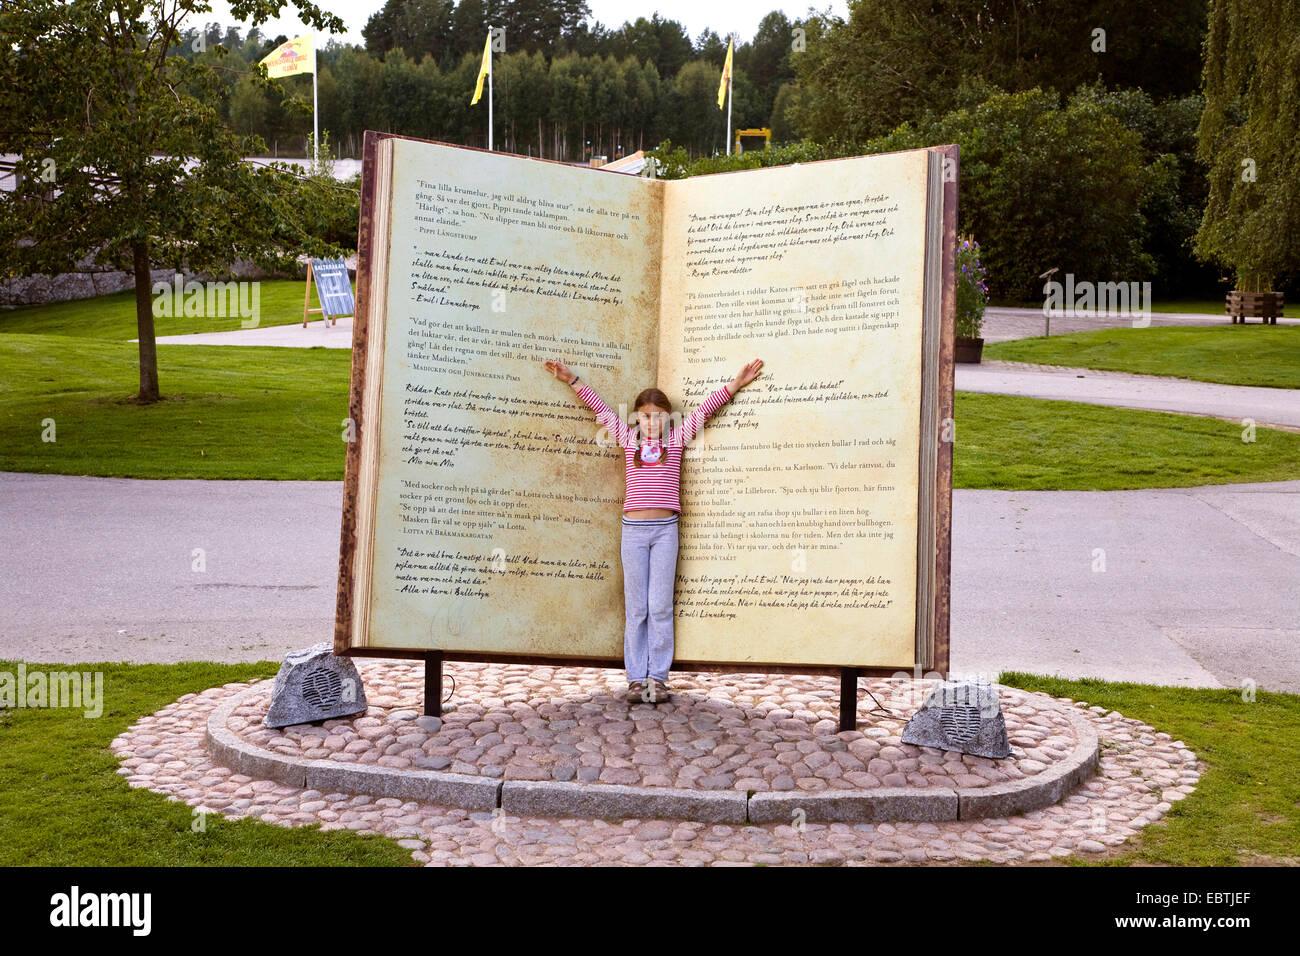 girl in an oversized book in Astrid Lindgren Vaerld, Astrid Lindgren World, Sweden, Smaland, Vimmerby - Stock Image